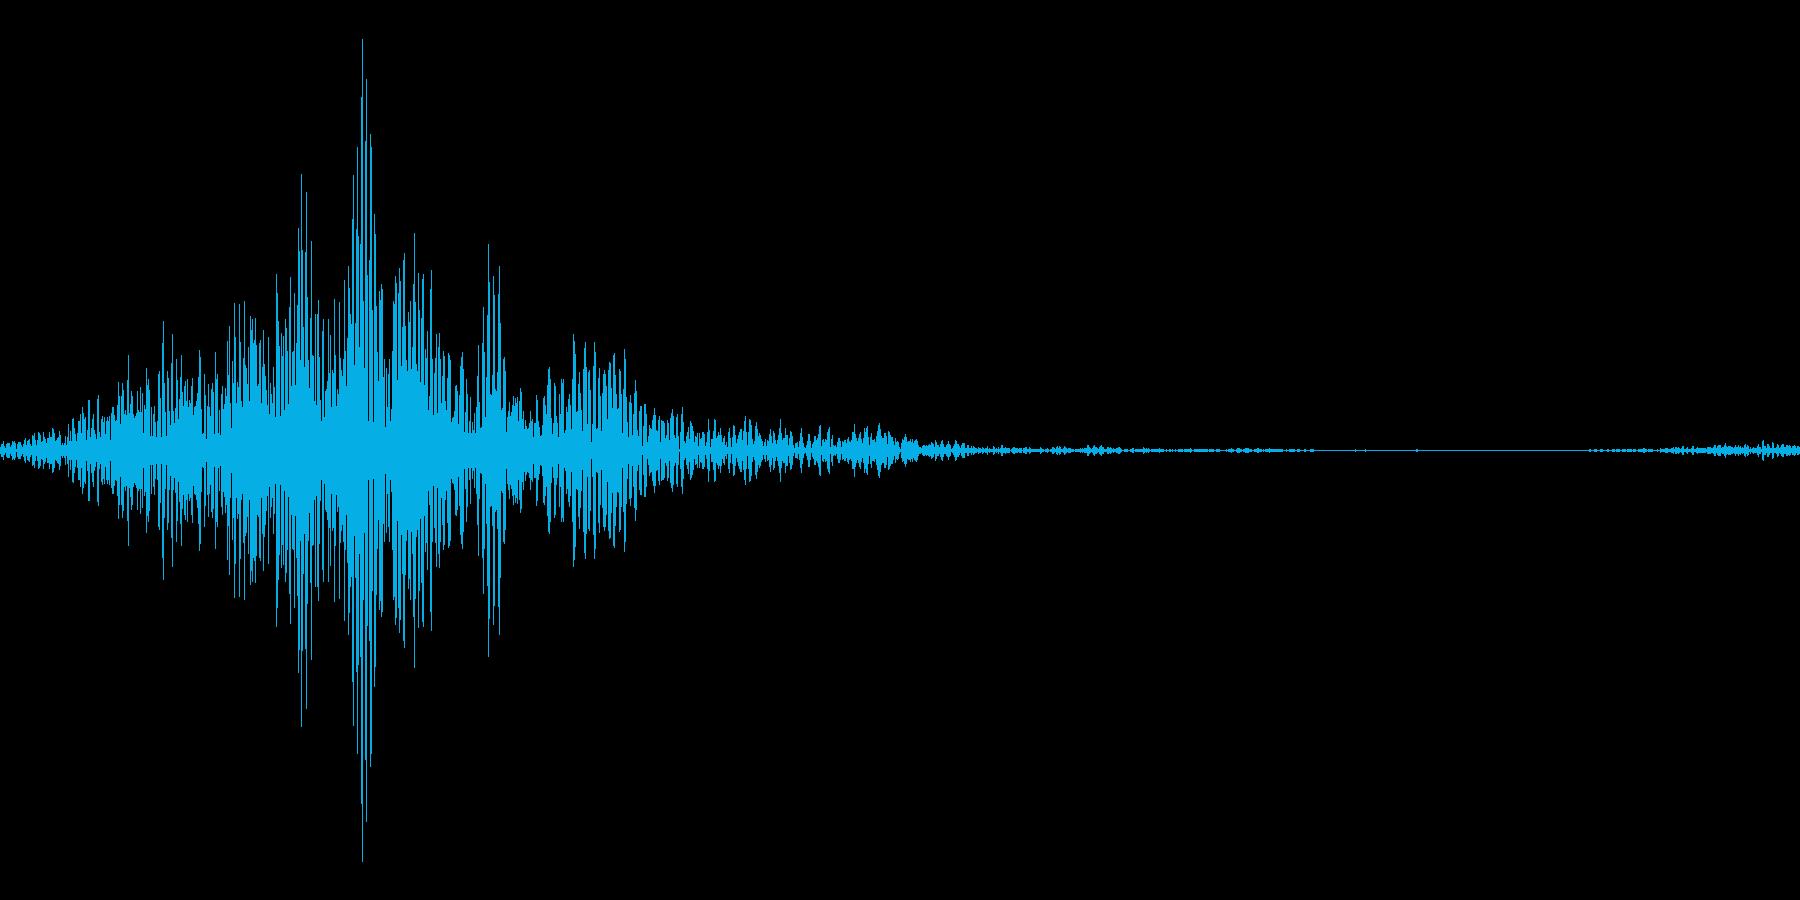 RPG:弓による攻撃音「ヒュッ」の再生済みの波形